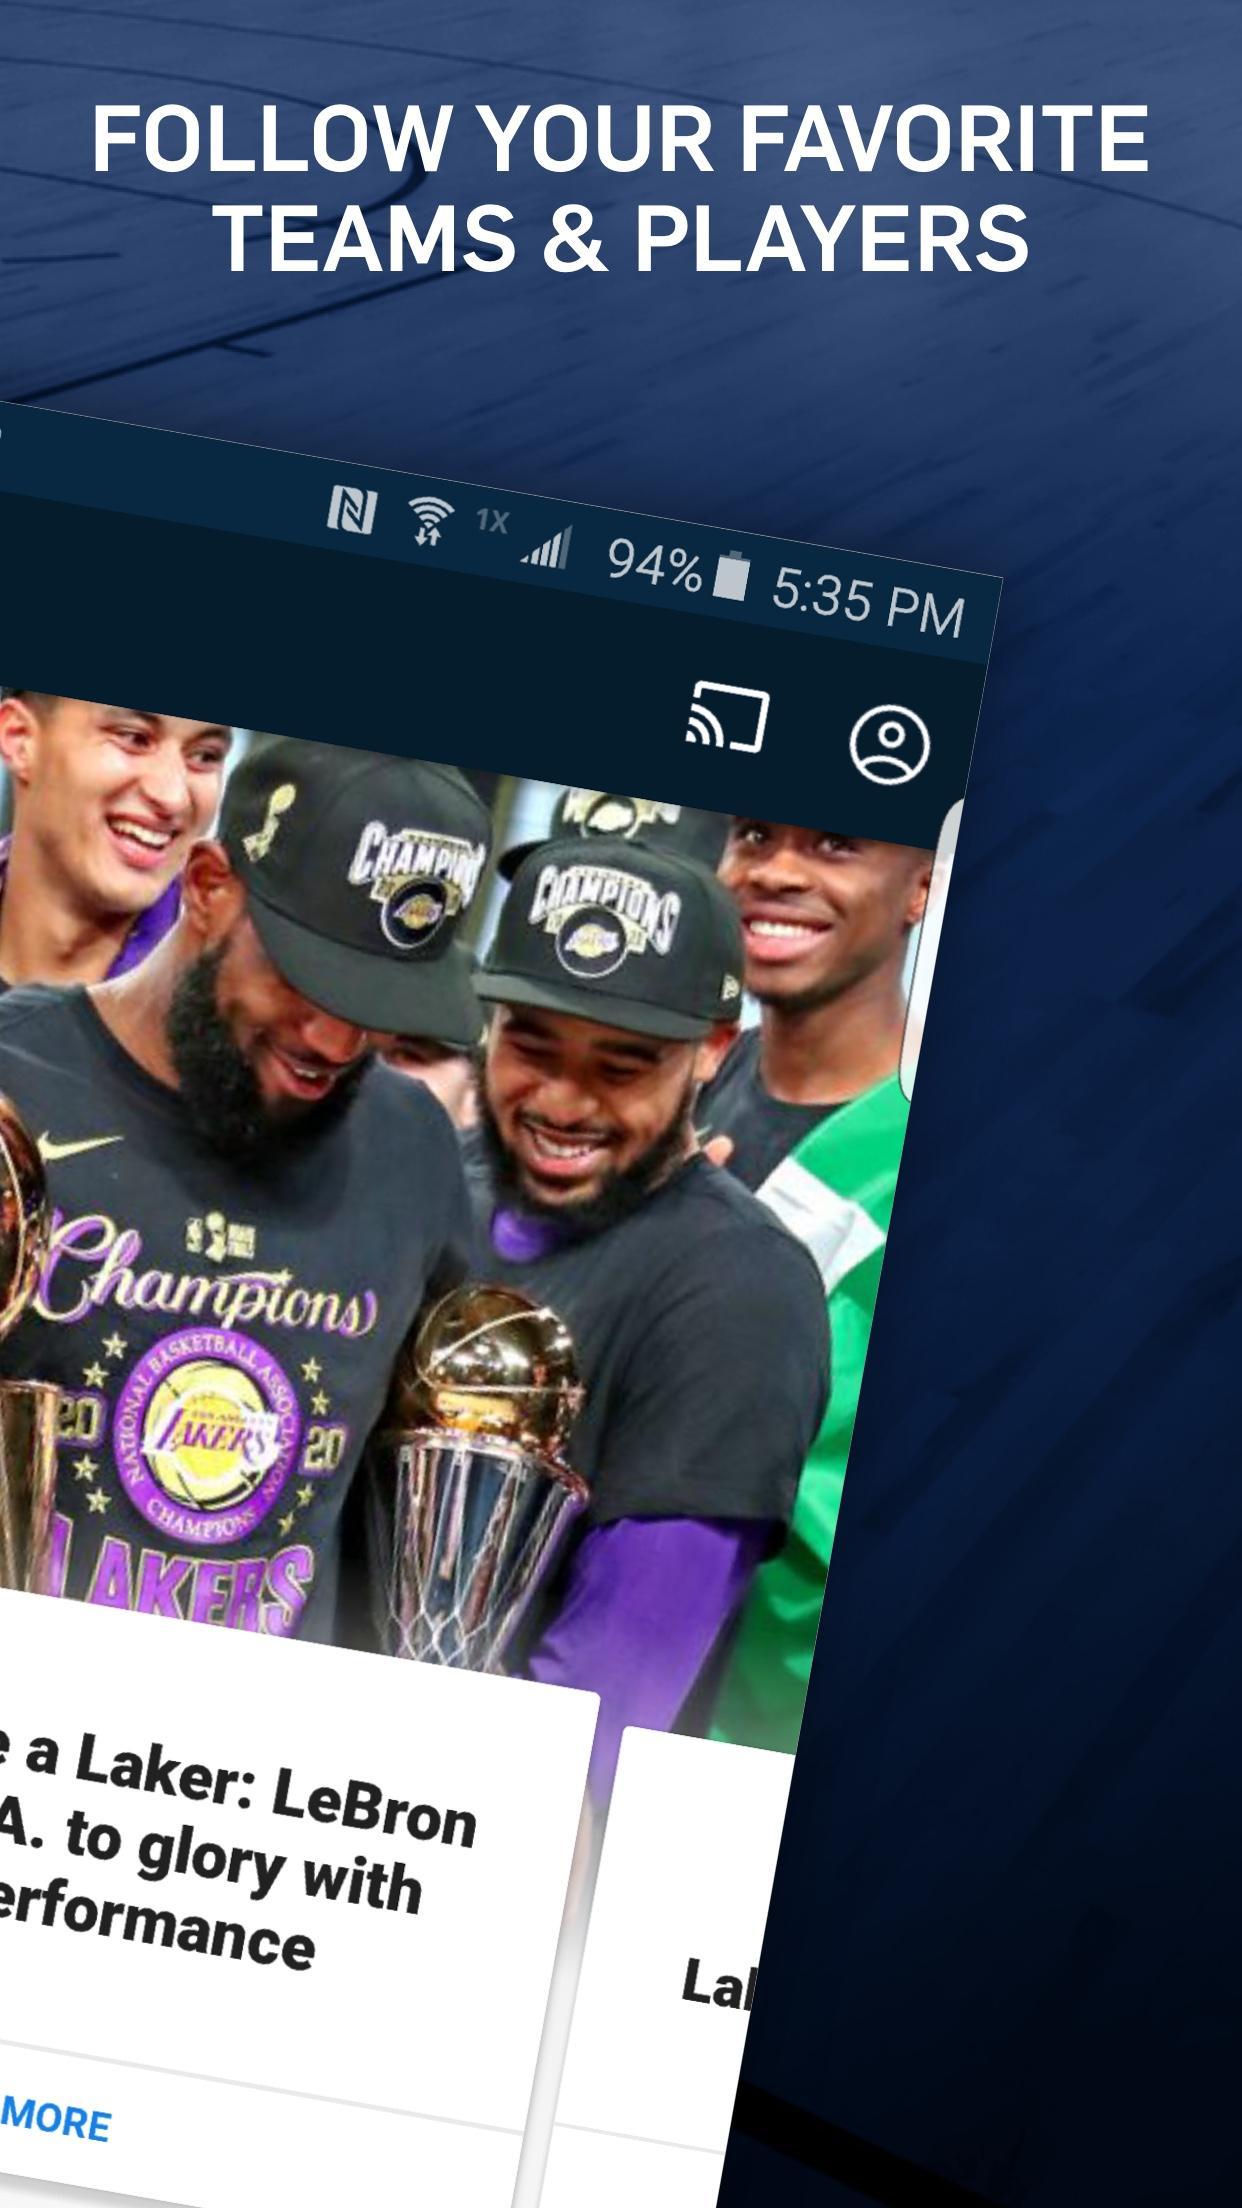 NBA Live Games & Scores 9.1018 Screenshot 2